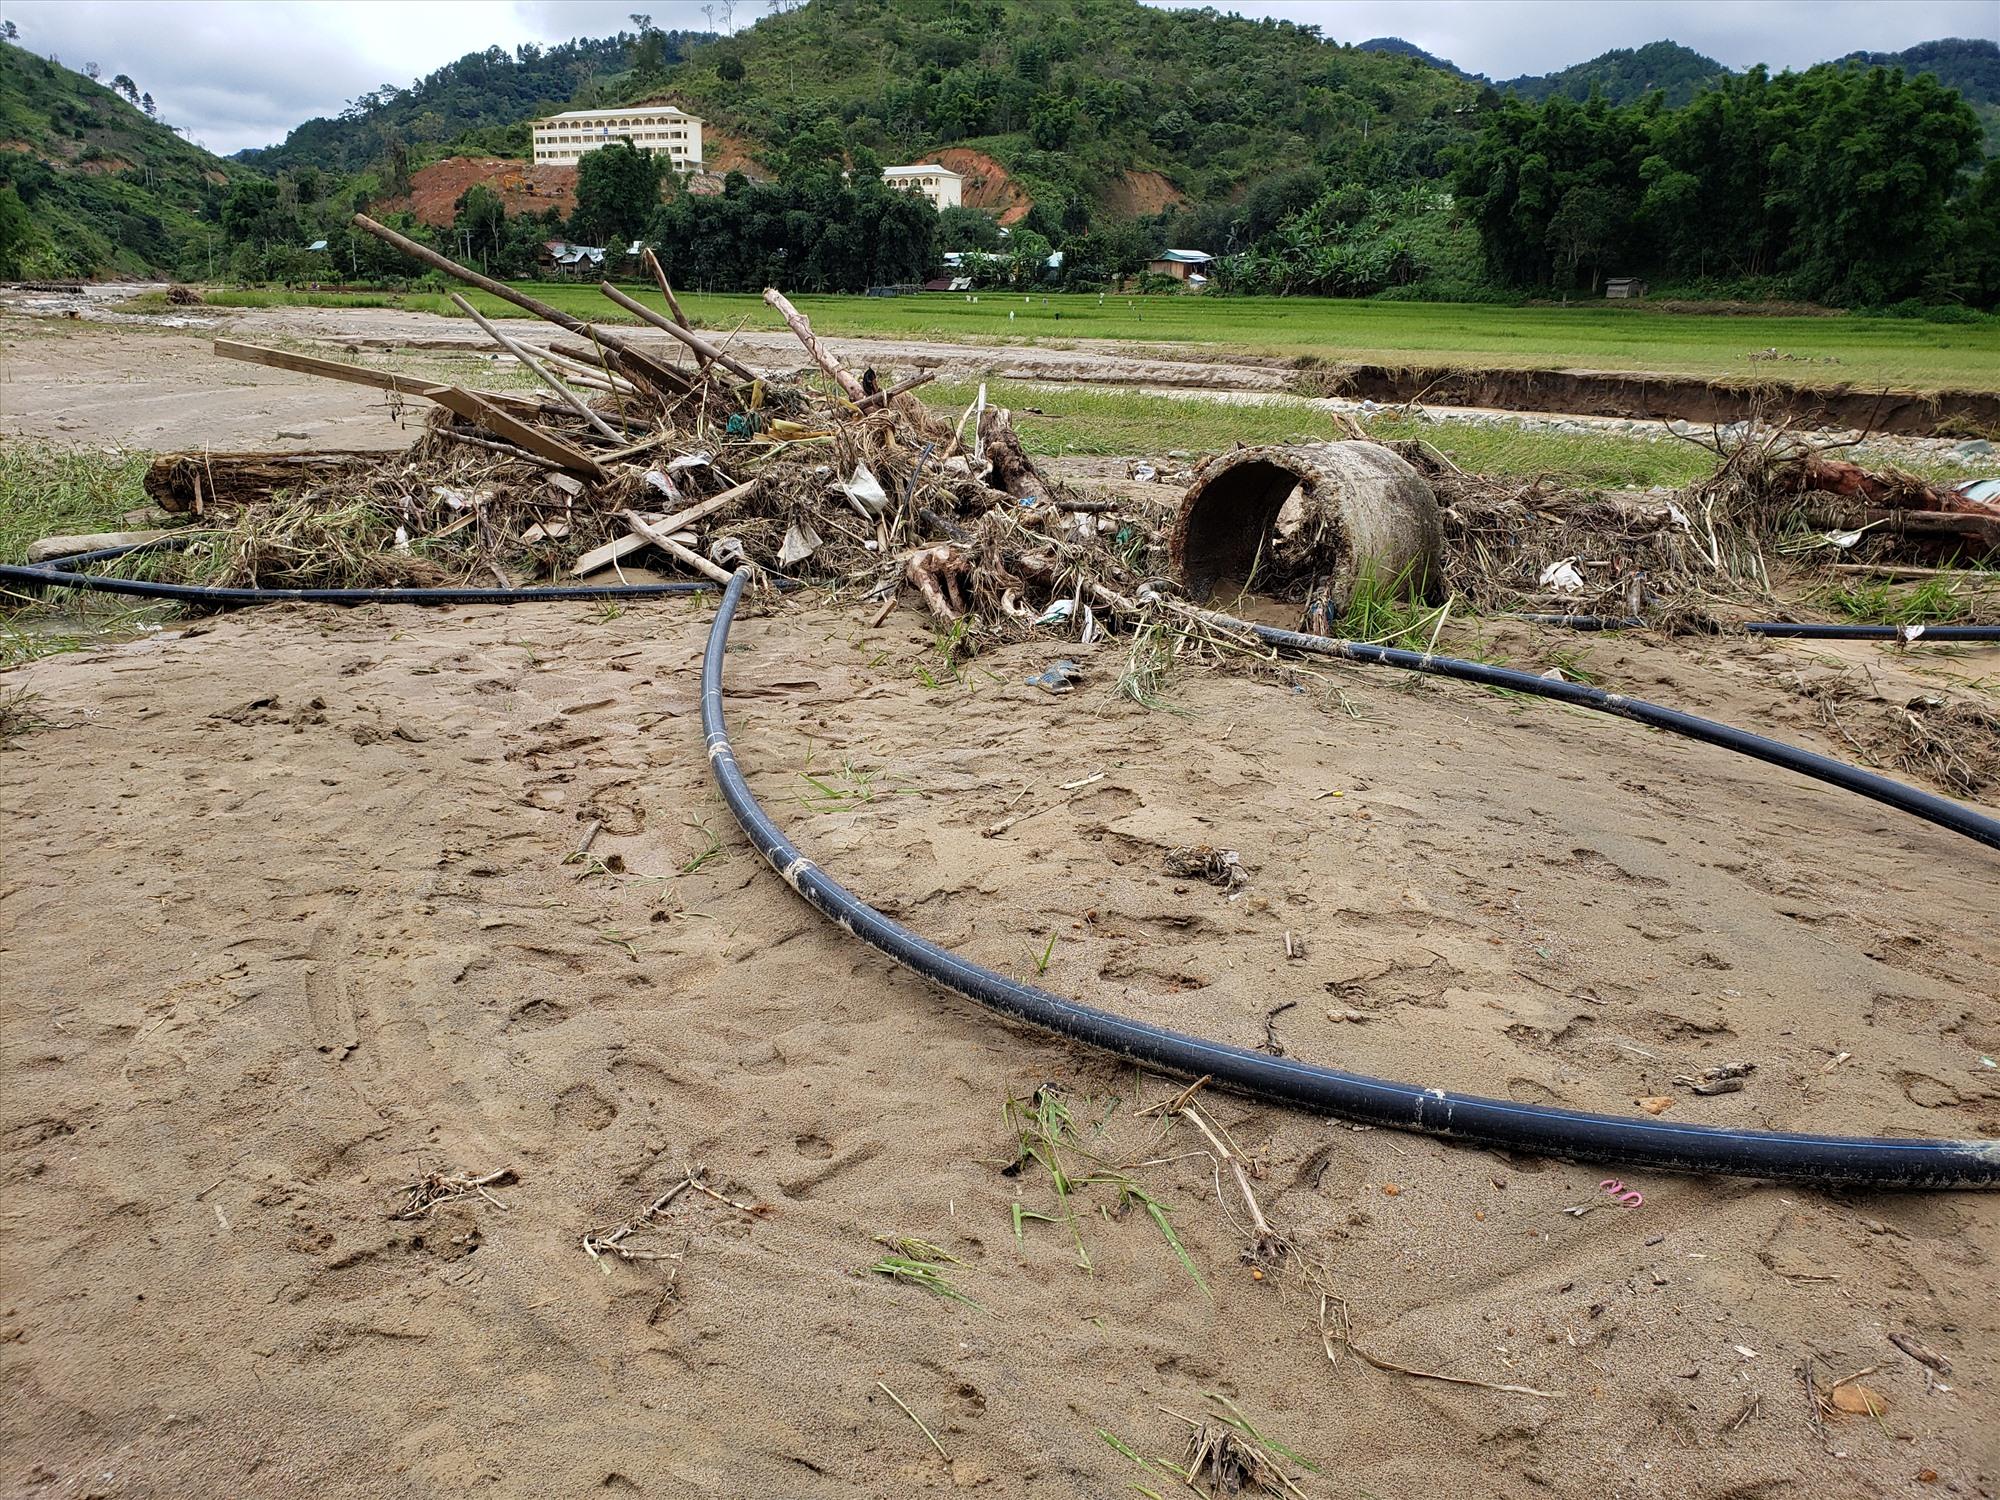 Ống nước, cây gỗ bị cuốn trôi nằm trên ruộng lúa. Ảnh: THANH THẮNG